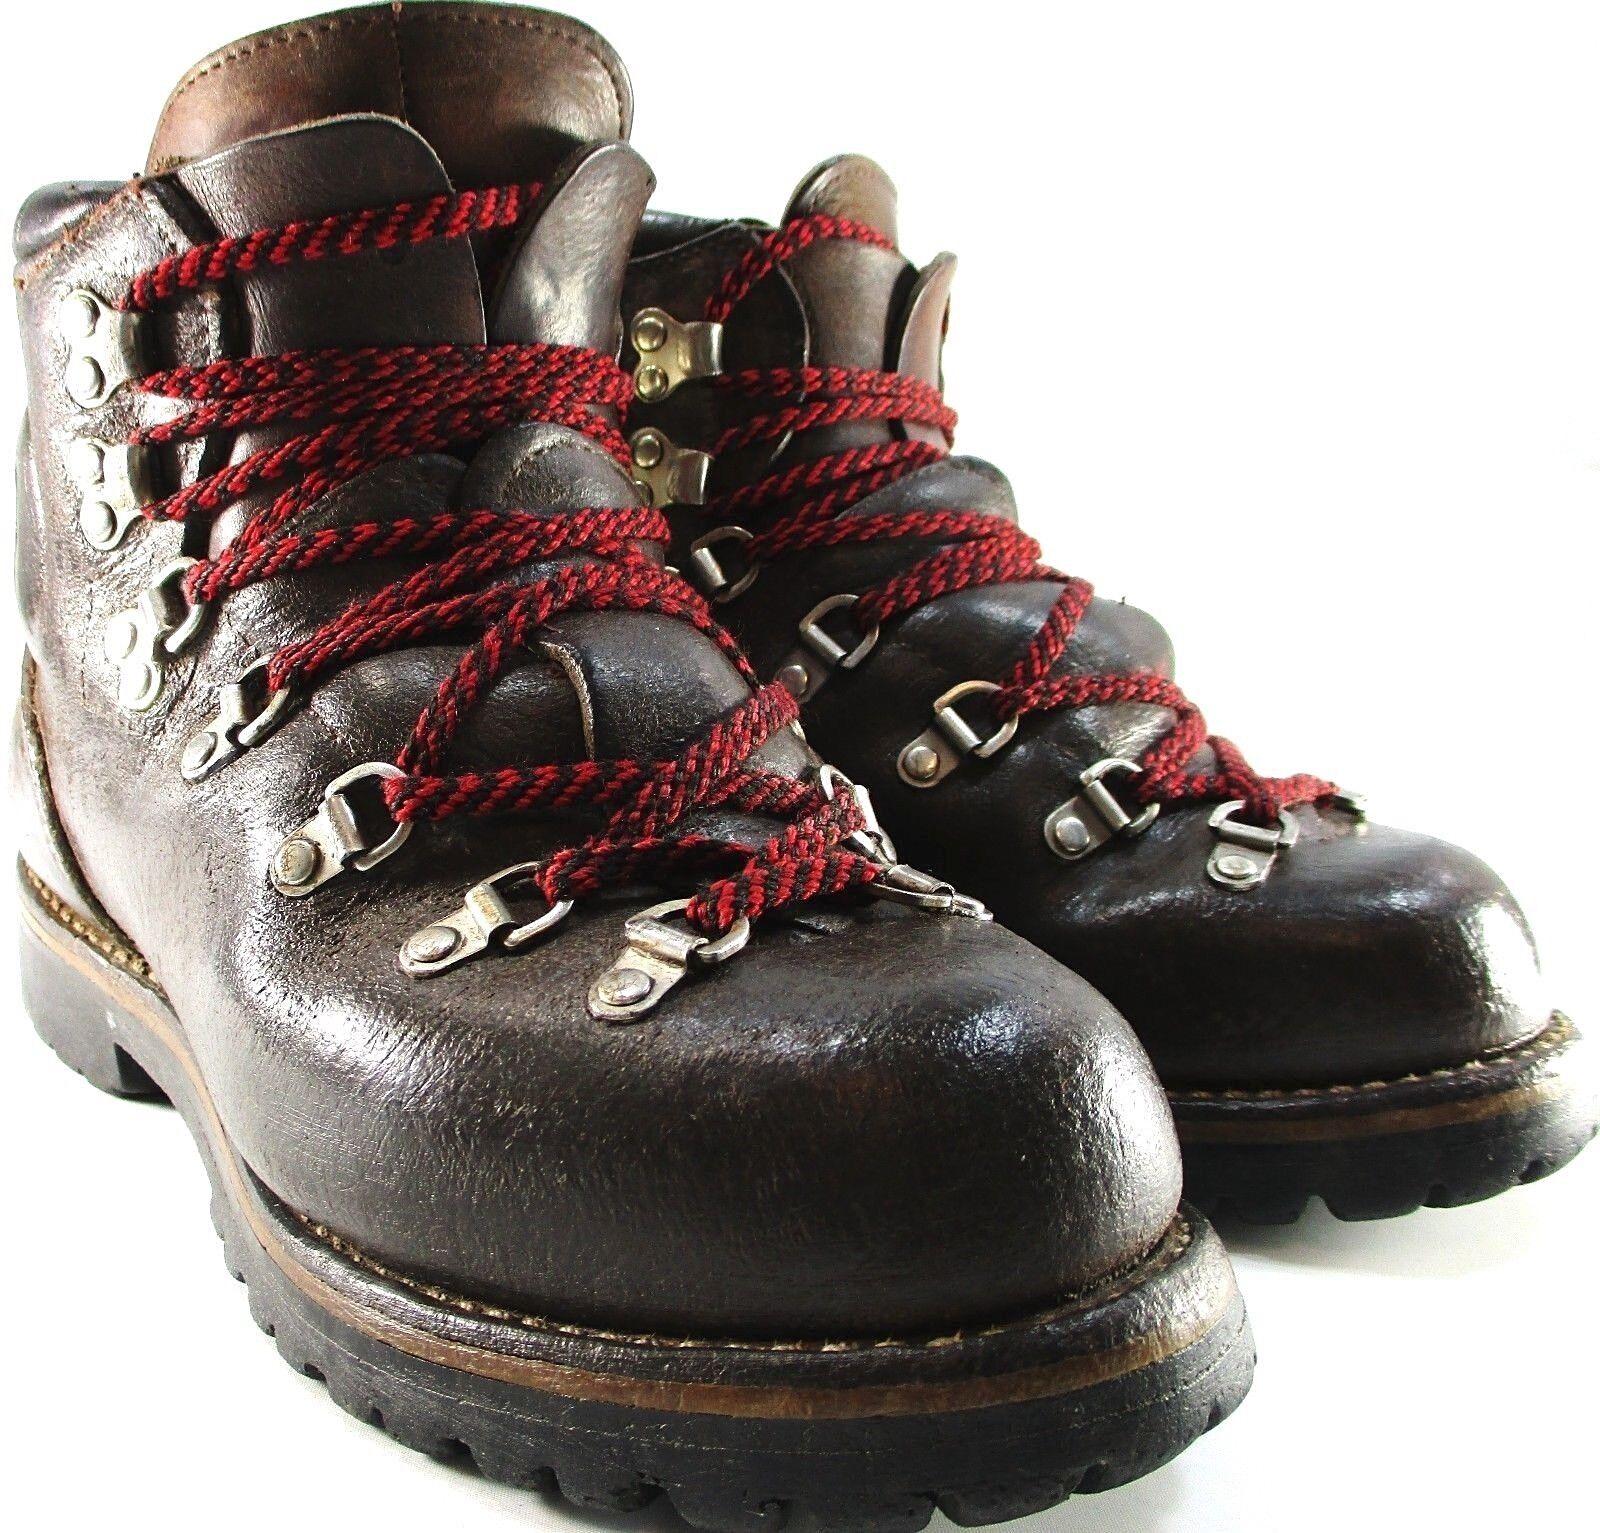 Vasque Vtg Men Hiking Climbing Stiefel Größe 7 C braun Leather Lined Vibram Soles